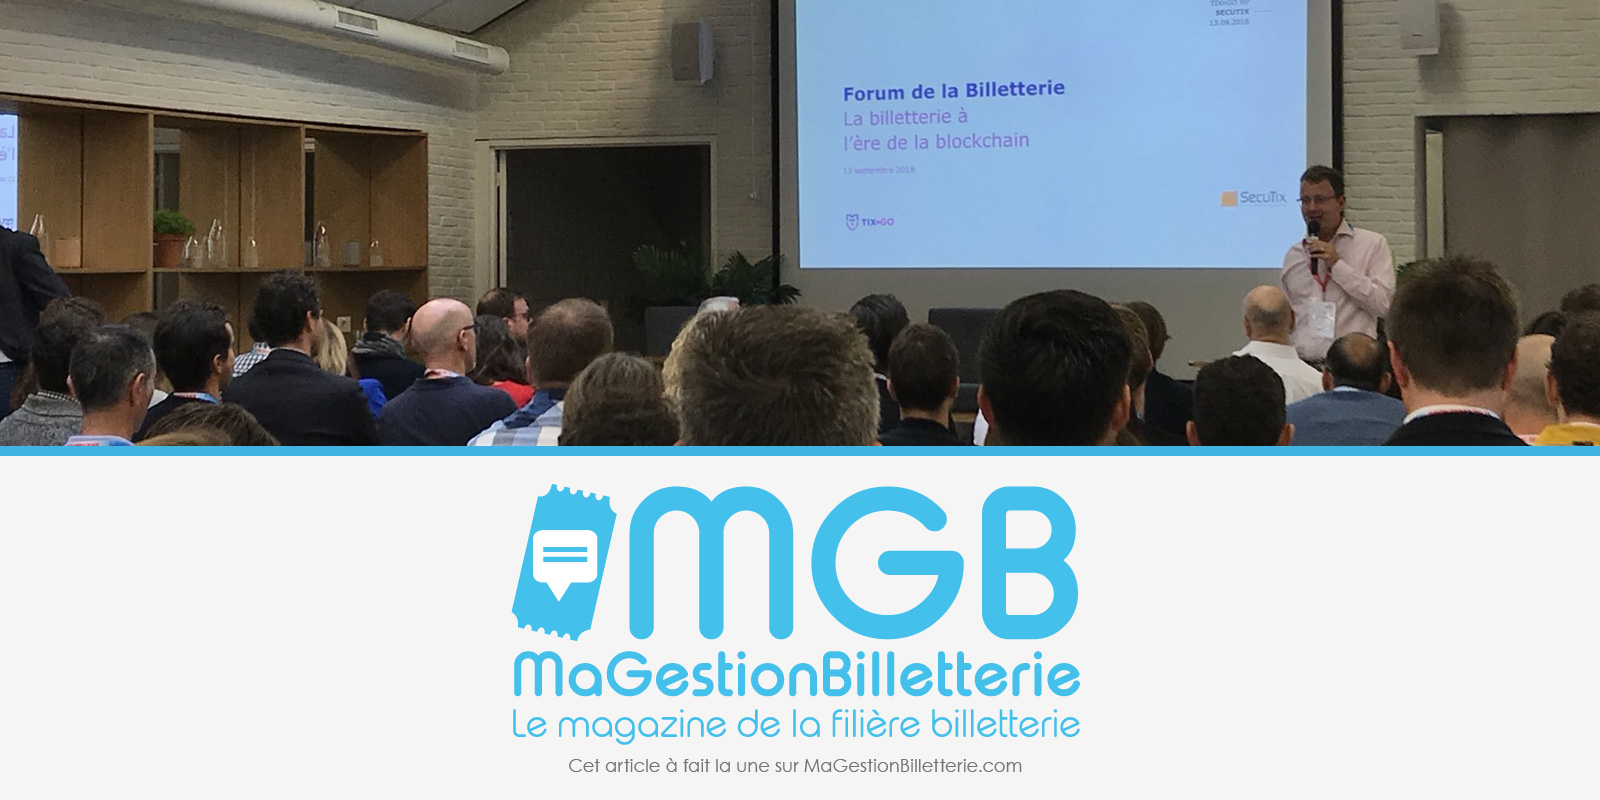 ForumBilletterieParis-Blockchain-une6